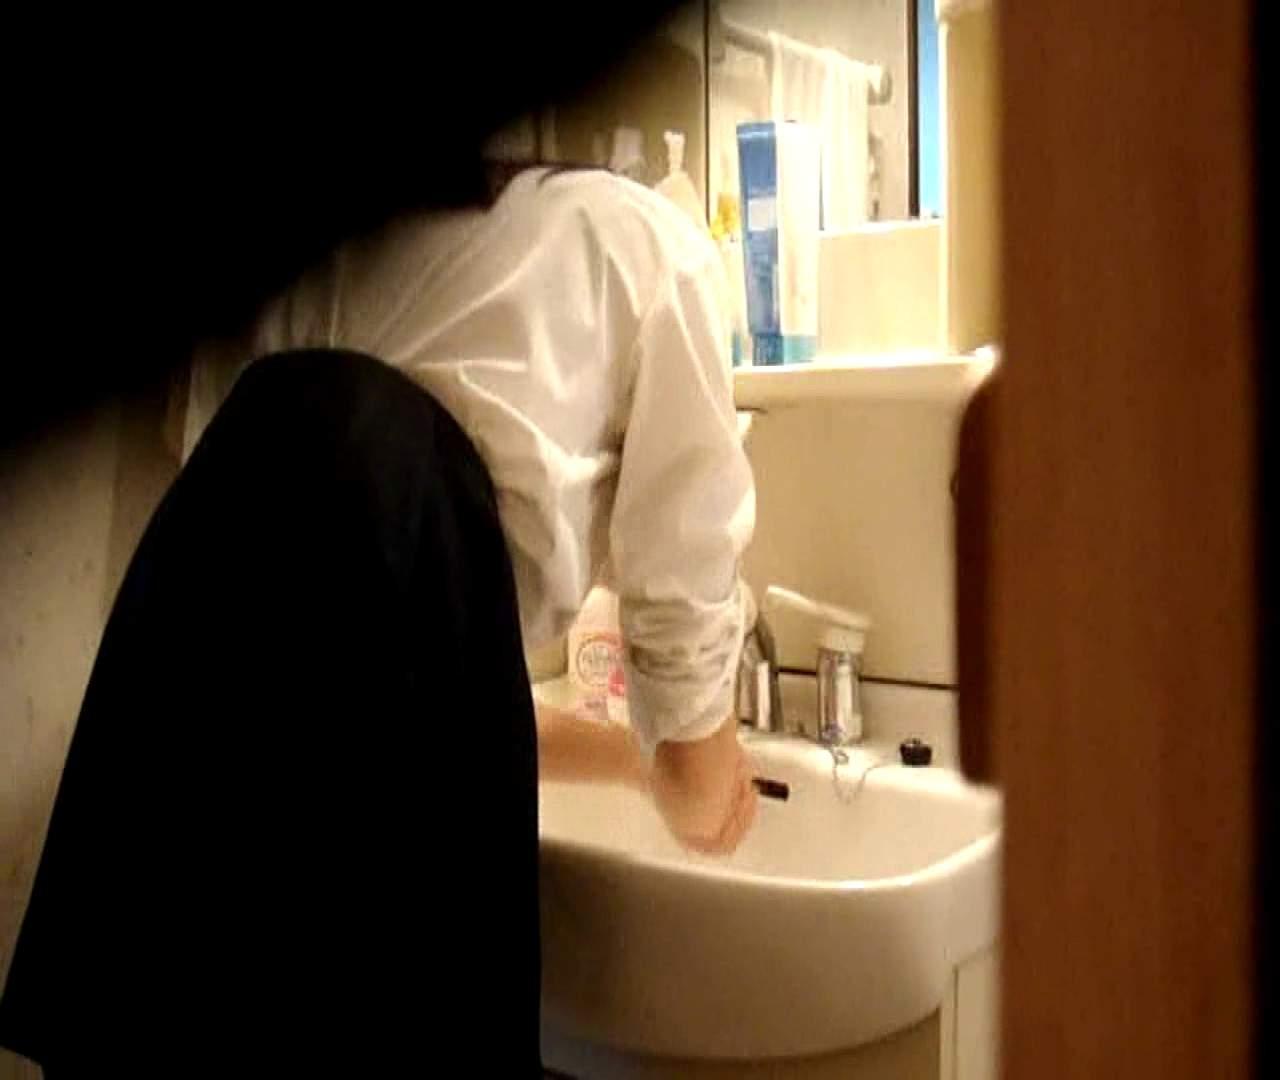 二人とも育てた甲斐がありました… vol.05 まどかが洗顔後にブラを洗濯 HなOL | 0  98pic 60